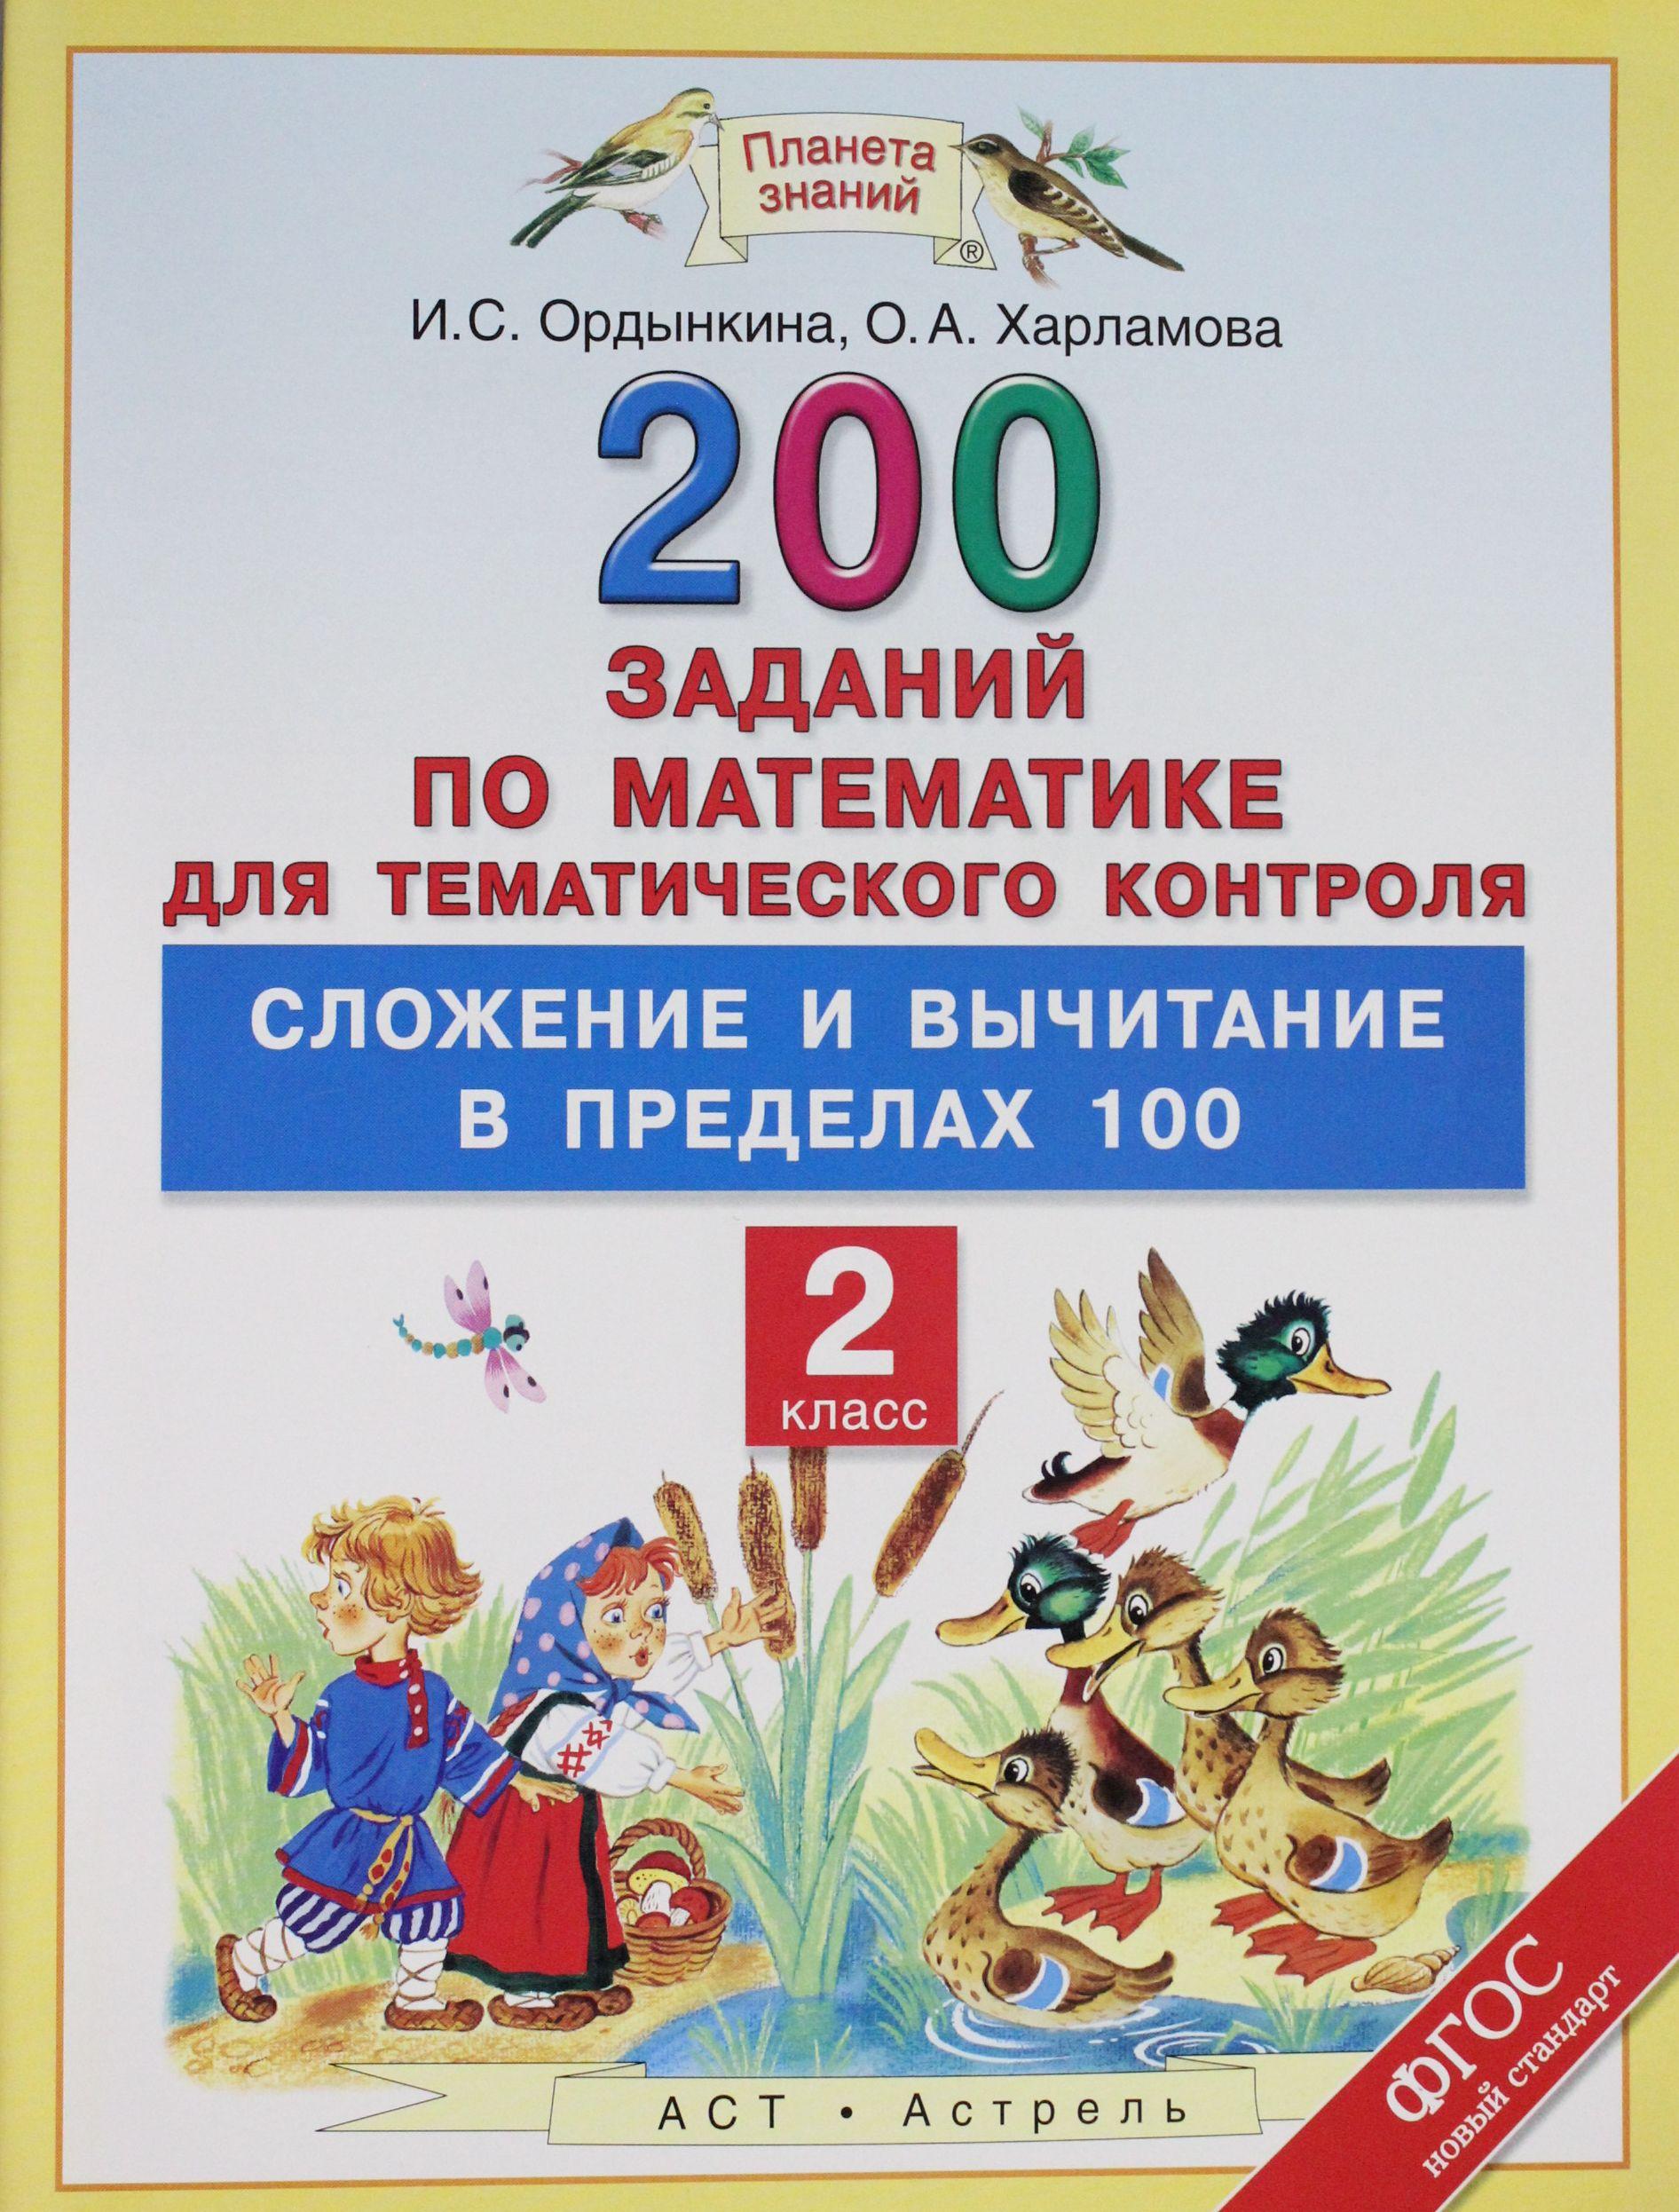 Matematika. 2 klass. 200 zadanij po matematike dlja tematicheskogo kontrolja. Slozhenie i vychitanie v predelakh 100